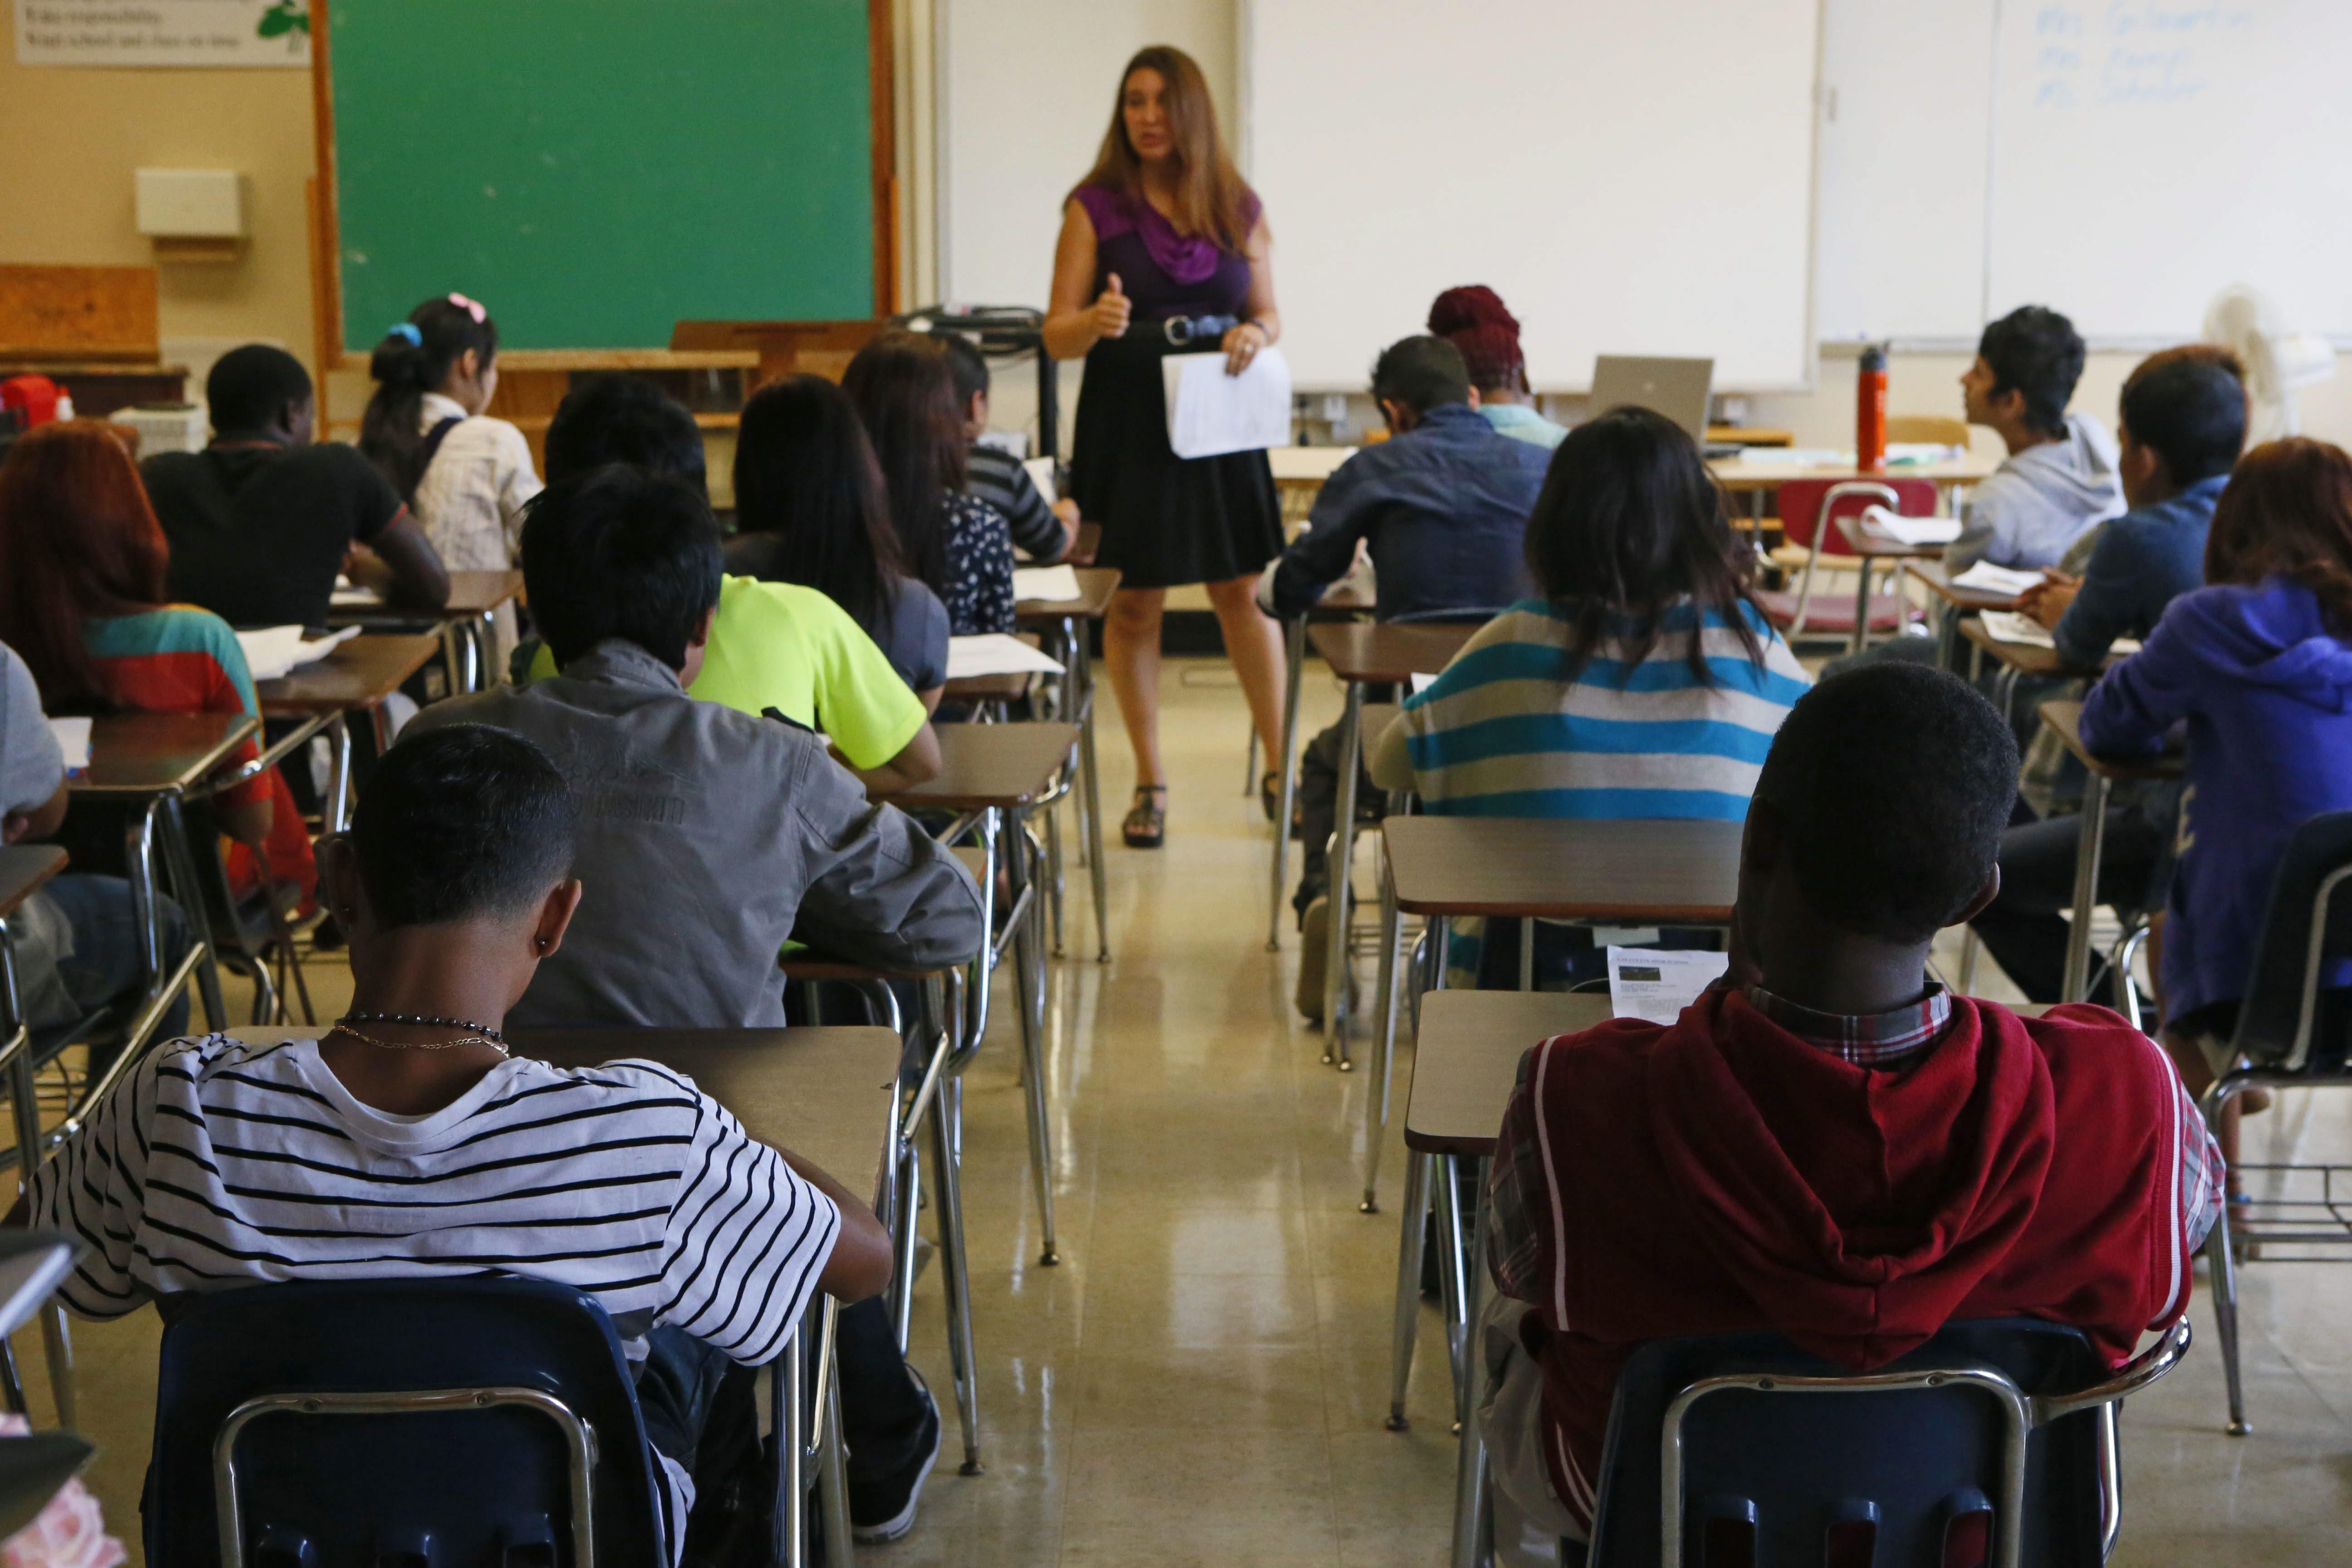 Students in a class at Lafayette High School, Thursday, Sept. 5, 2013.  (Derek Gee/Buffalo News)